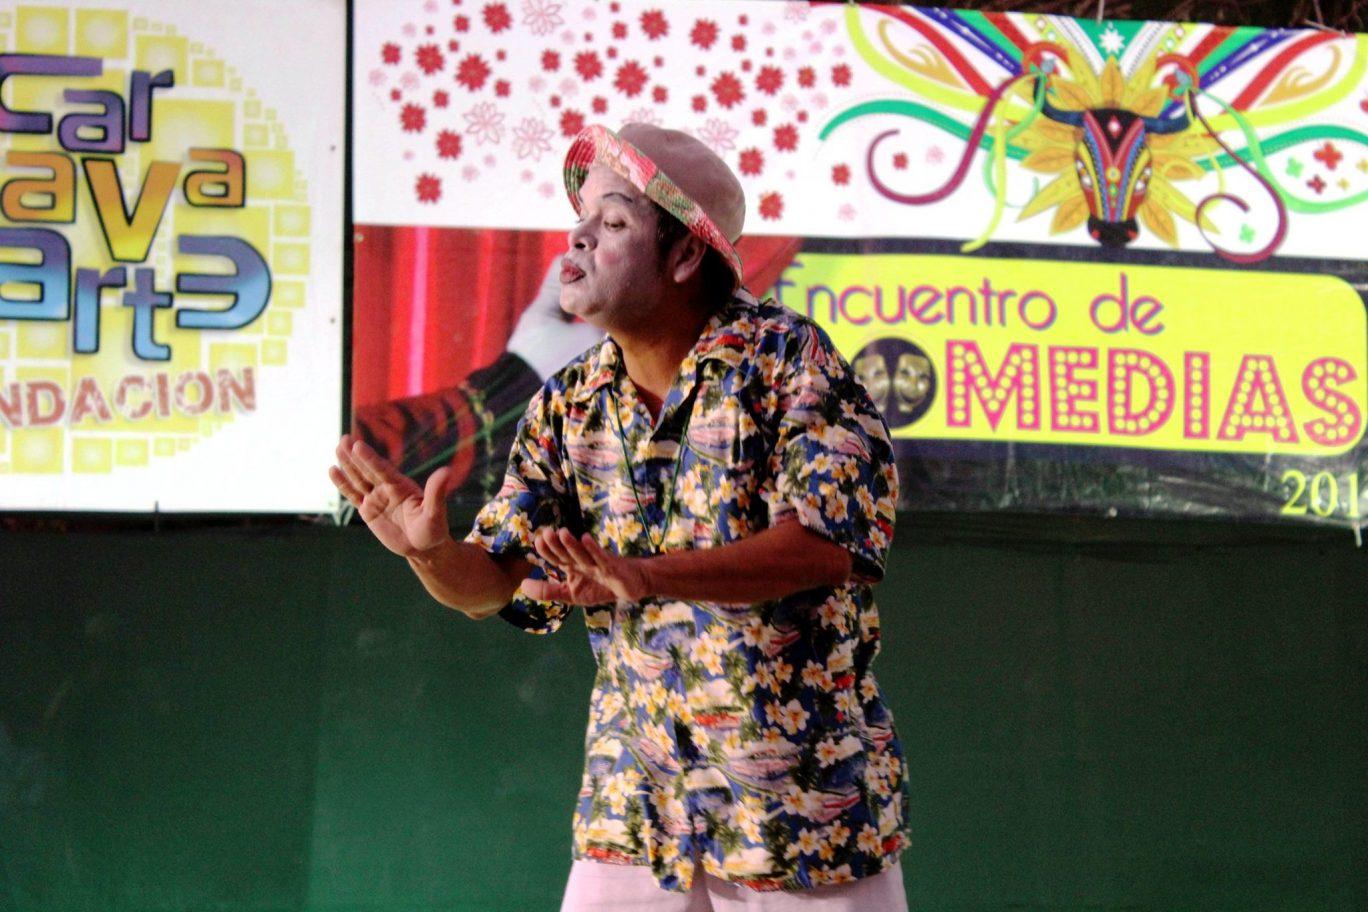 611473d93ea7 Las comedias llenan de Carnaval los parques de Barranquilla ...